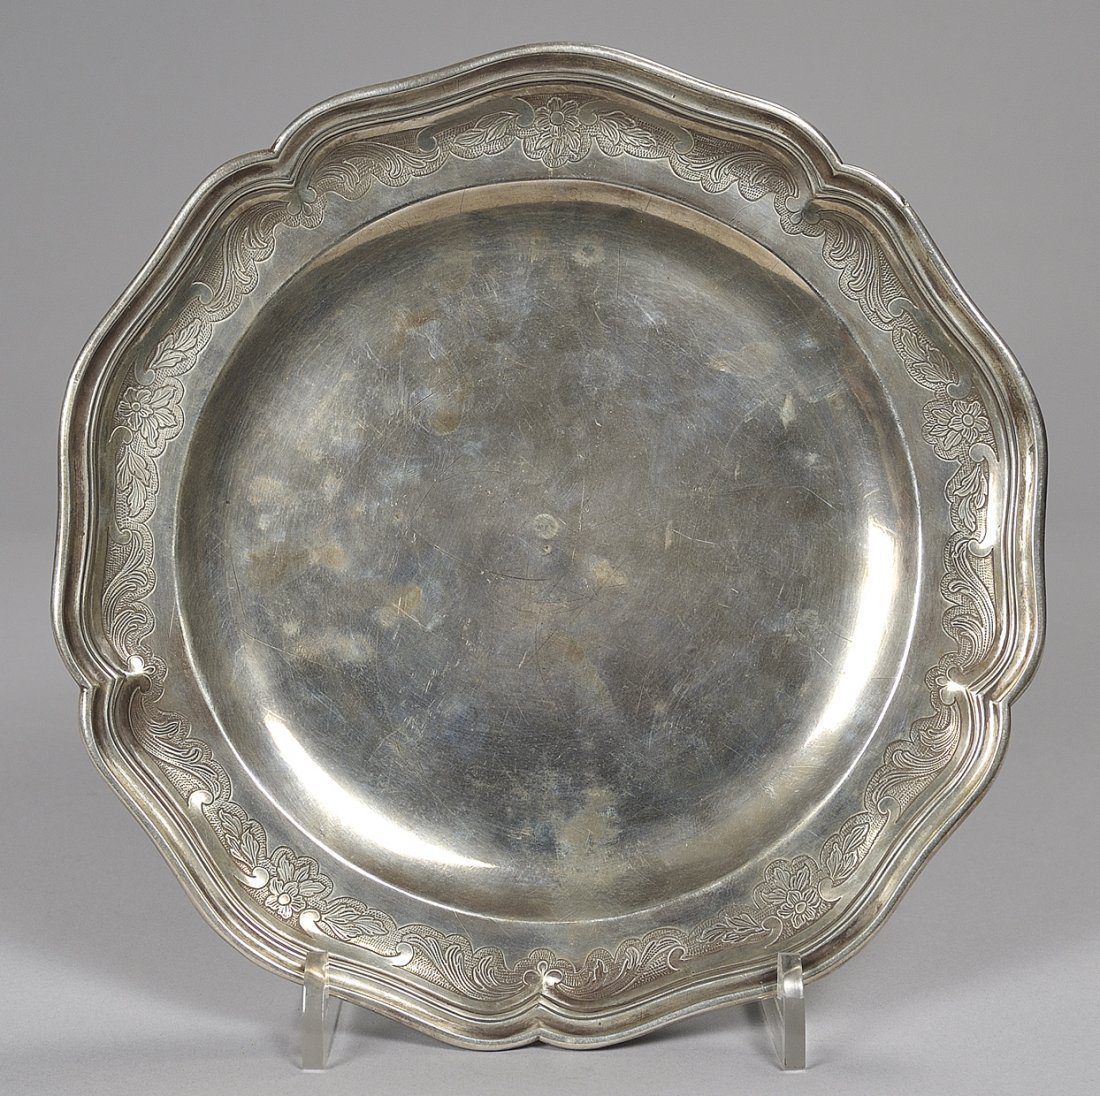 Piatto barocco in argento sbalzato, Punzone